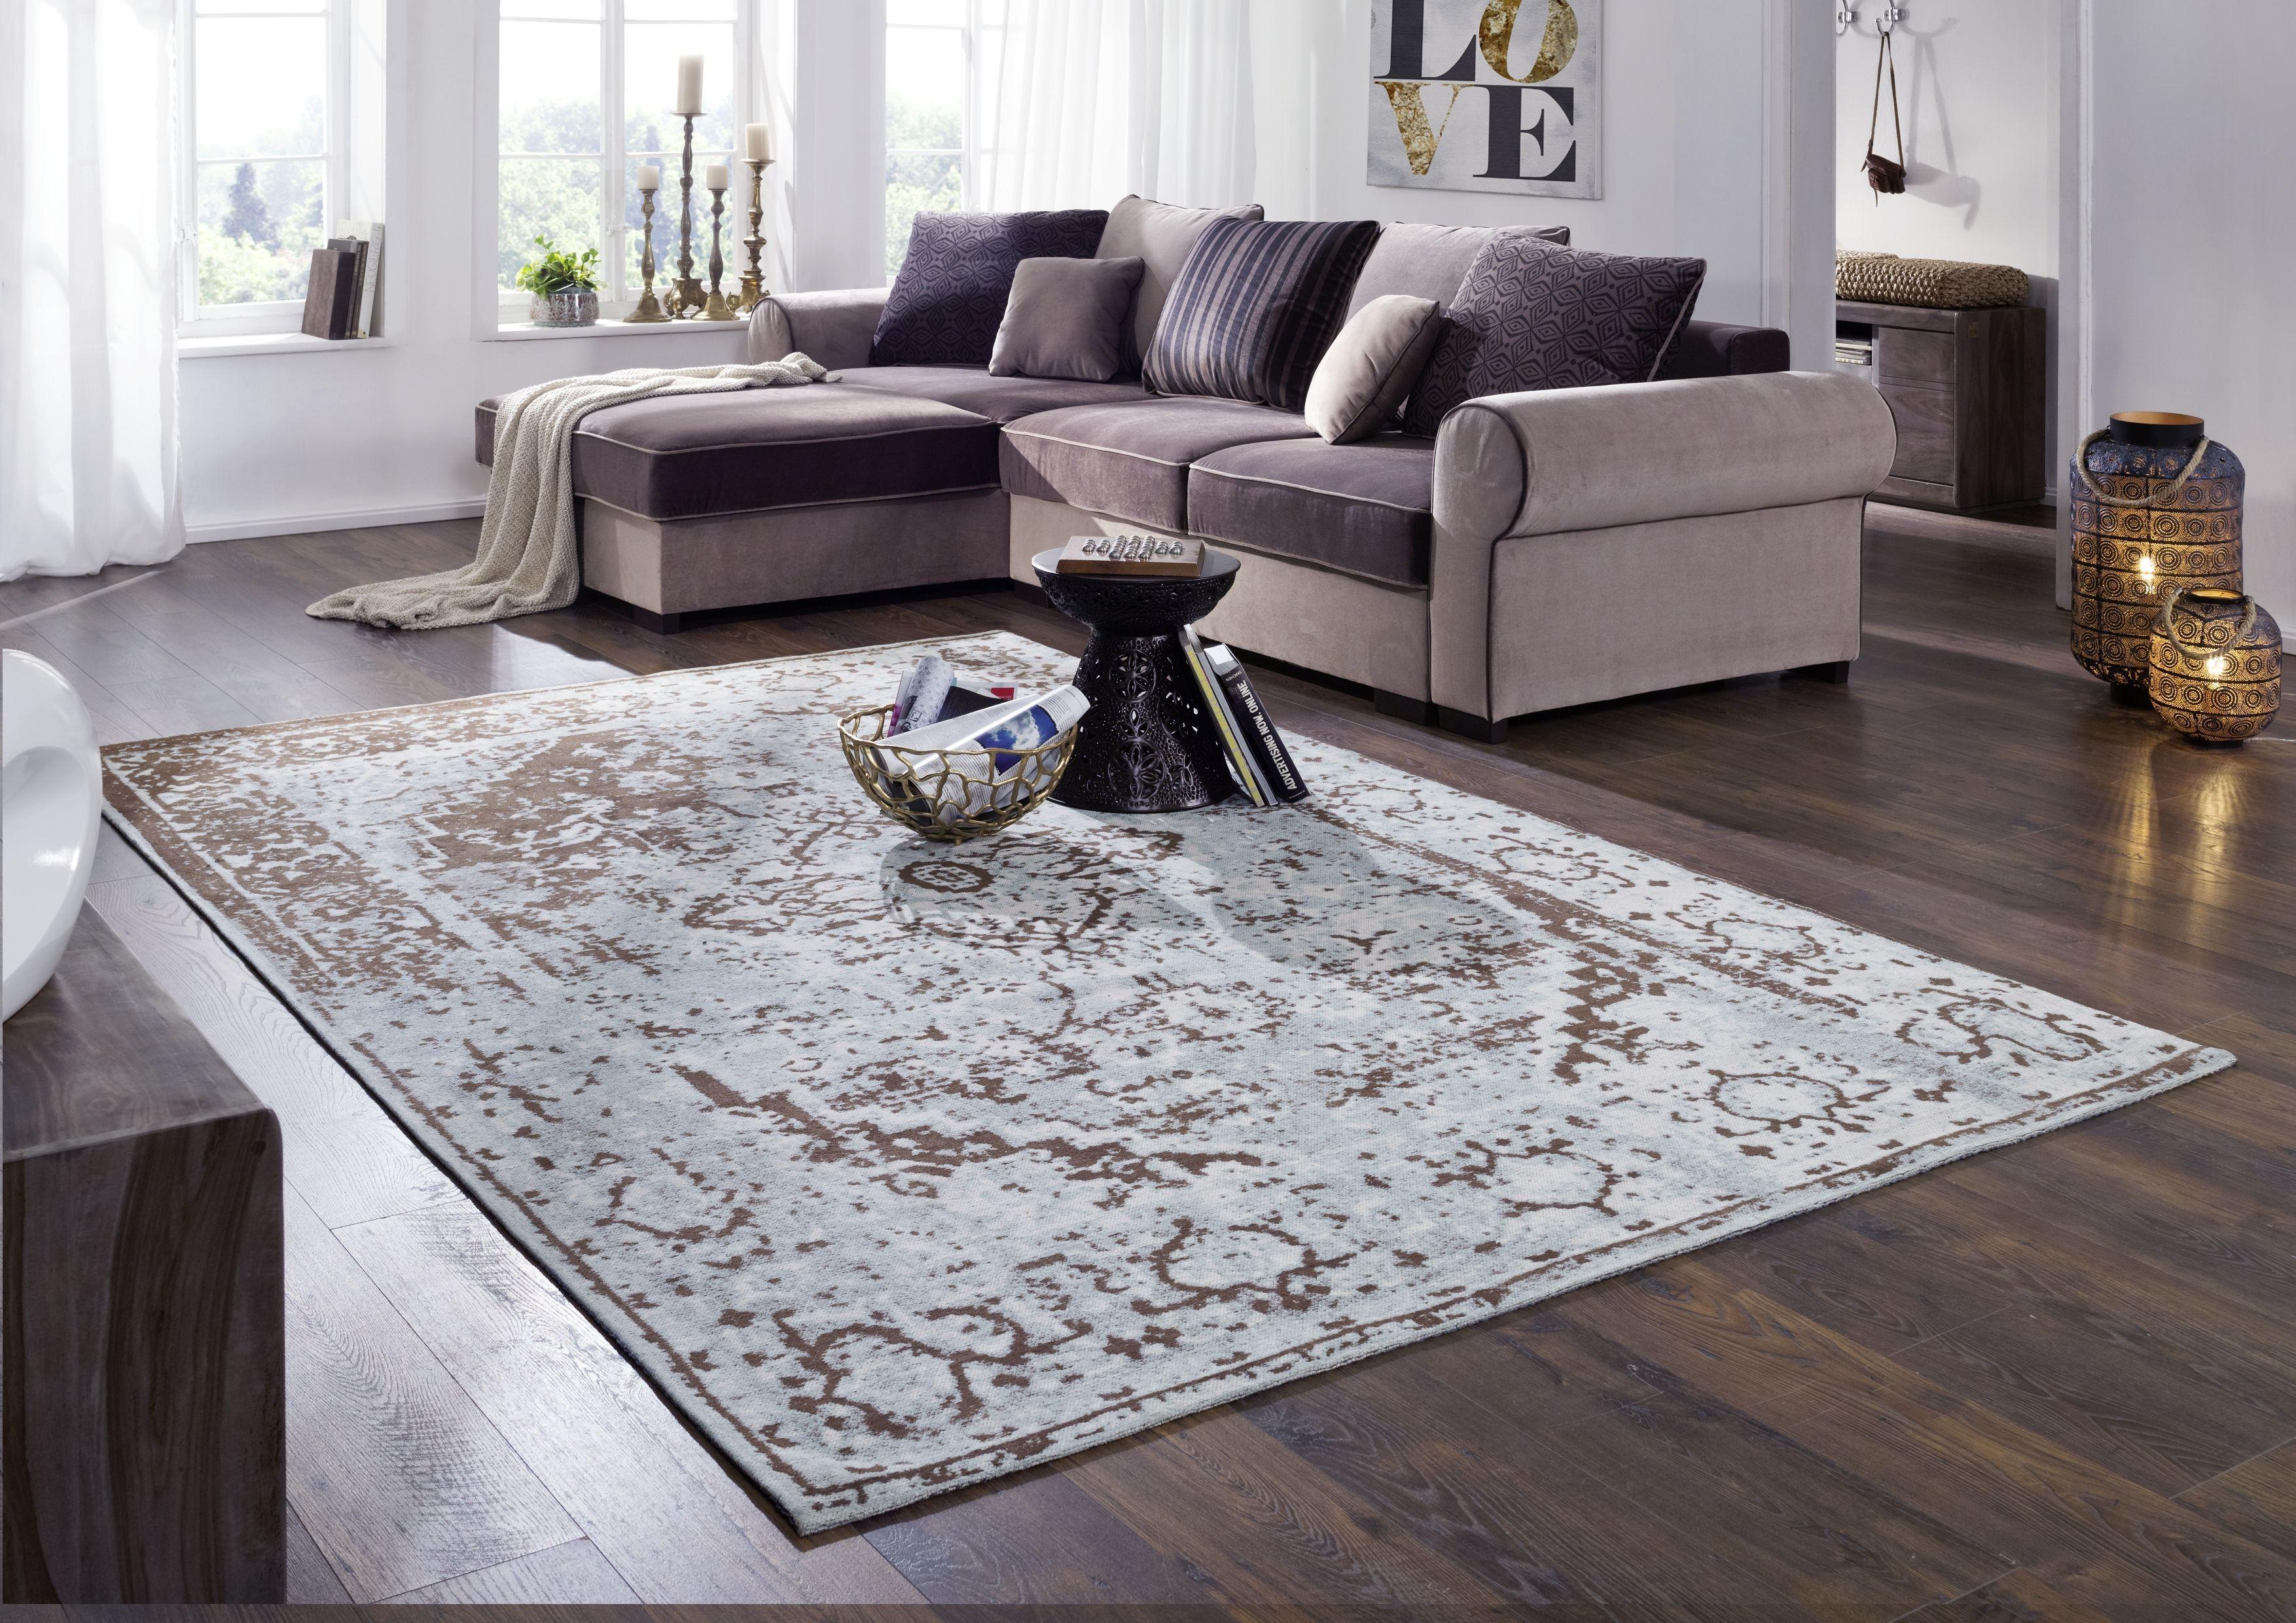 vintage teppiche schnelle lieferung tiefpreisgarantie